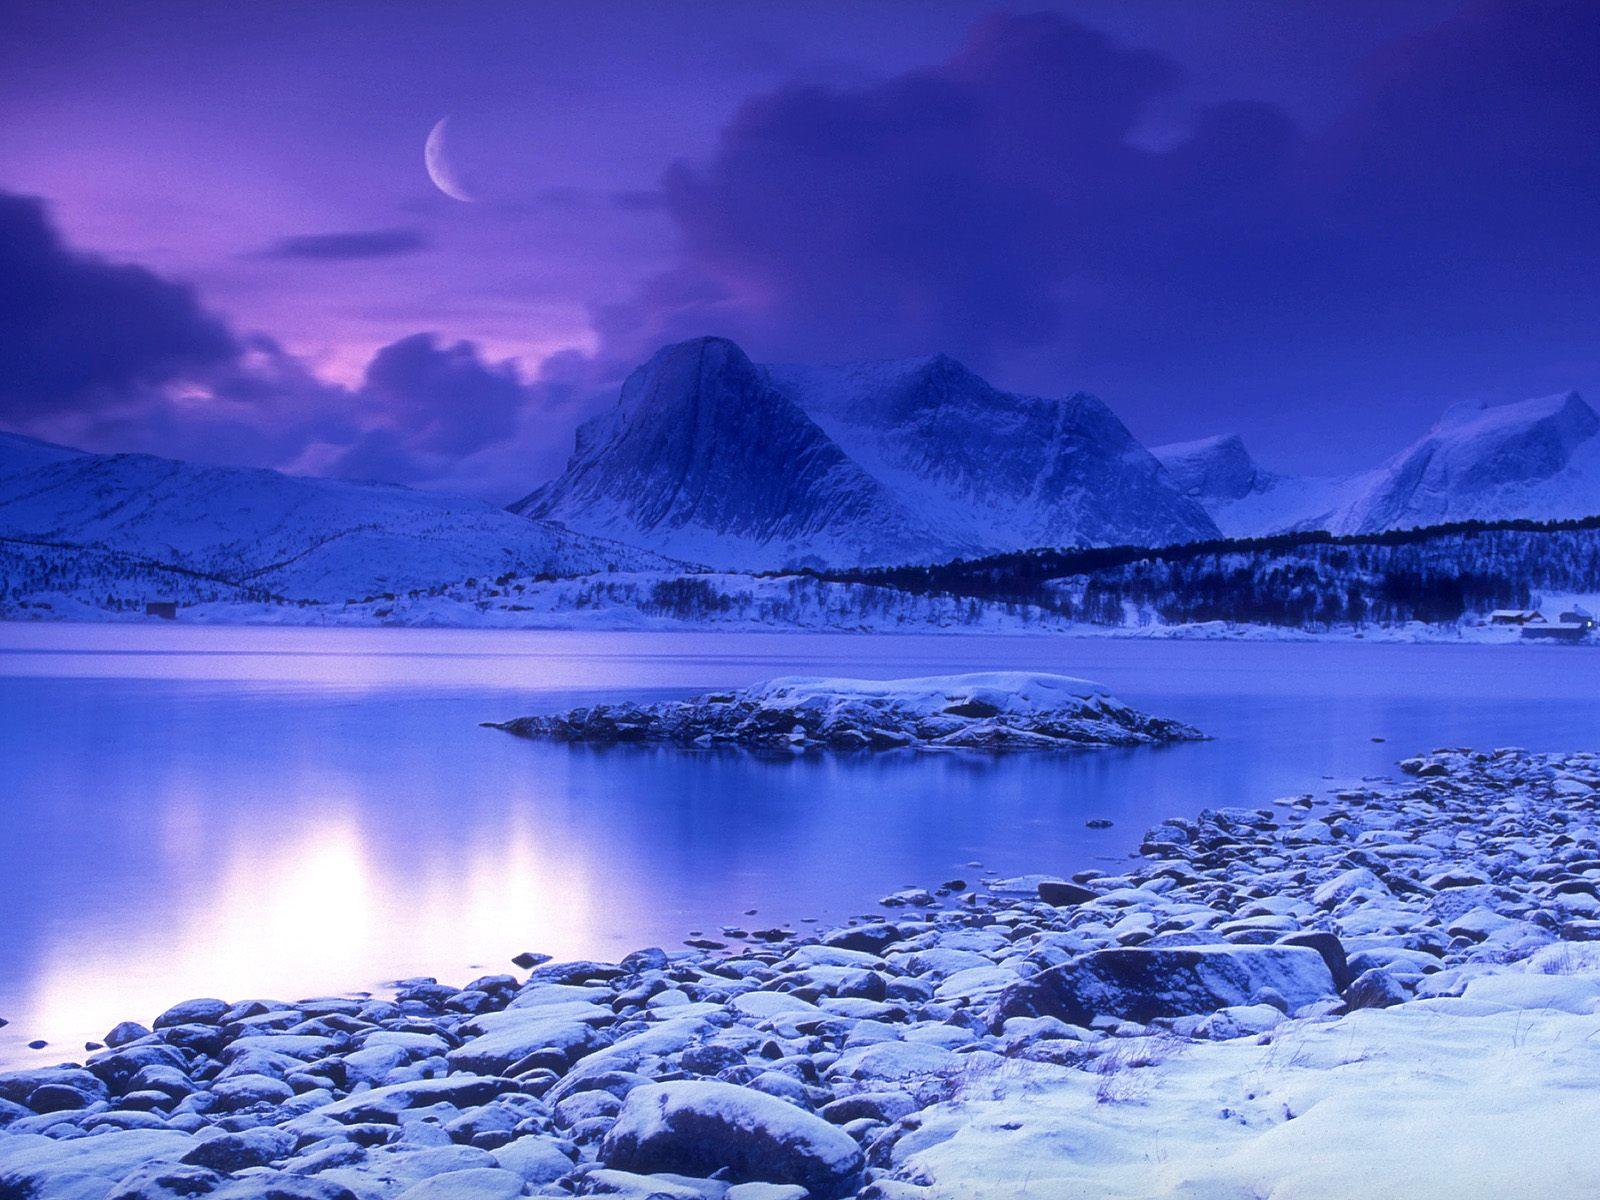 Tracie Byrd: Norway Hd